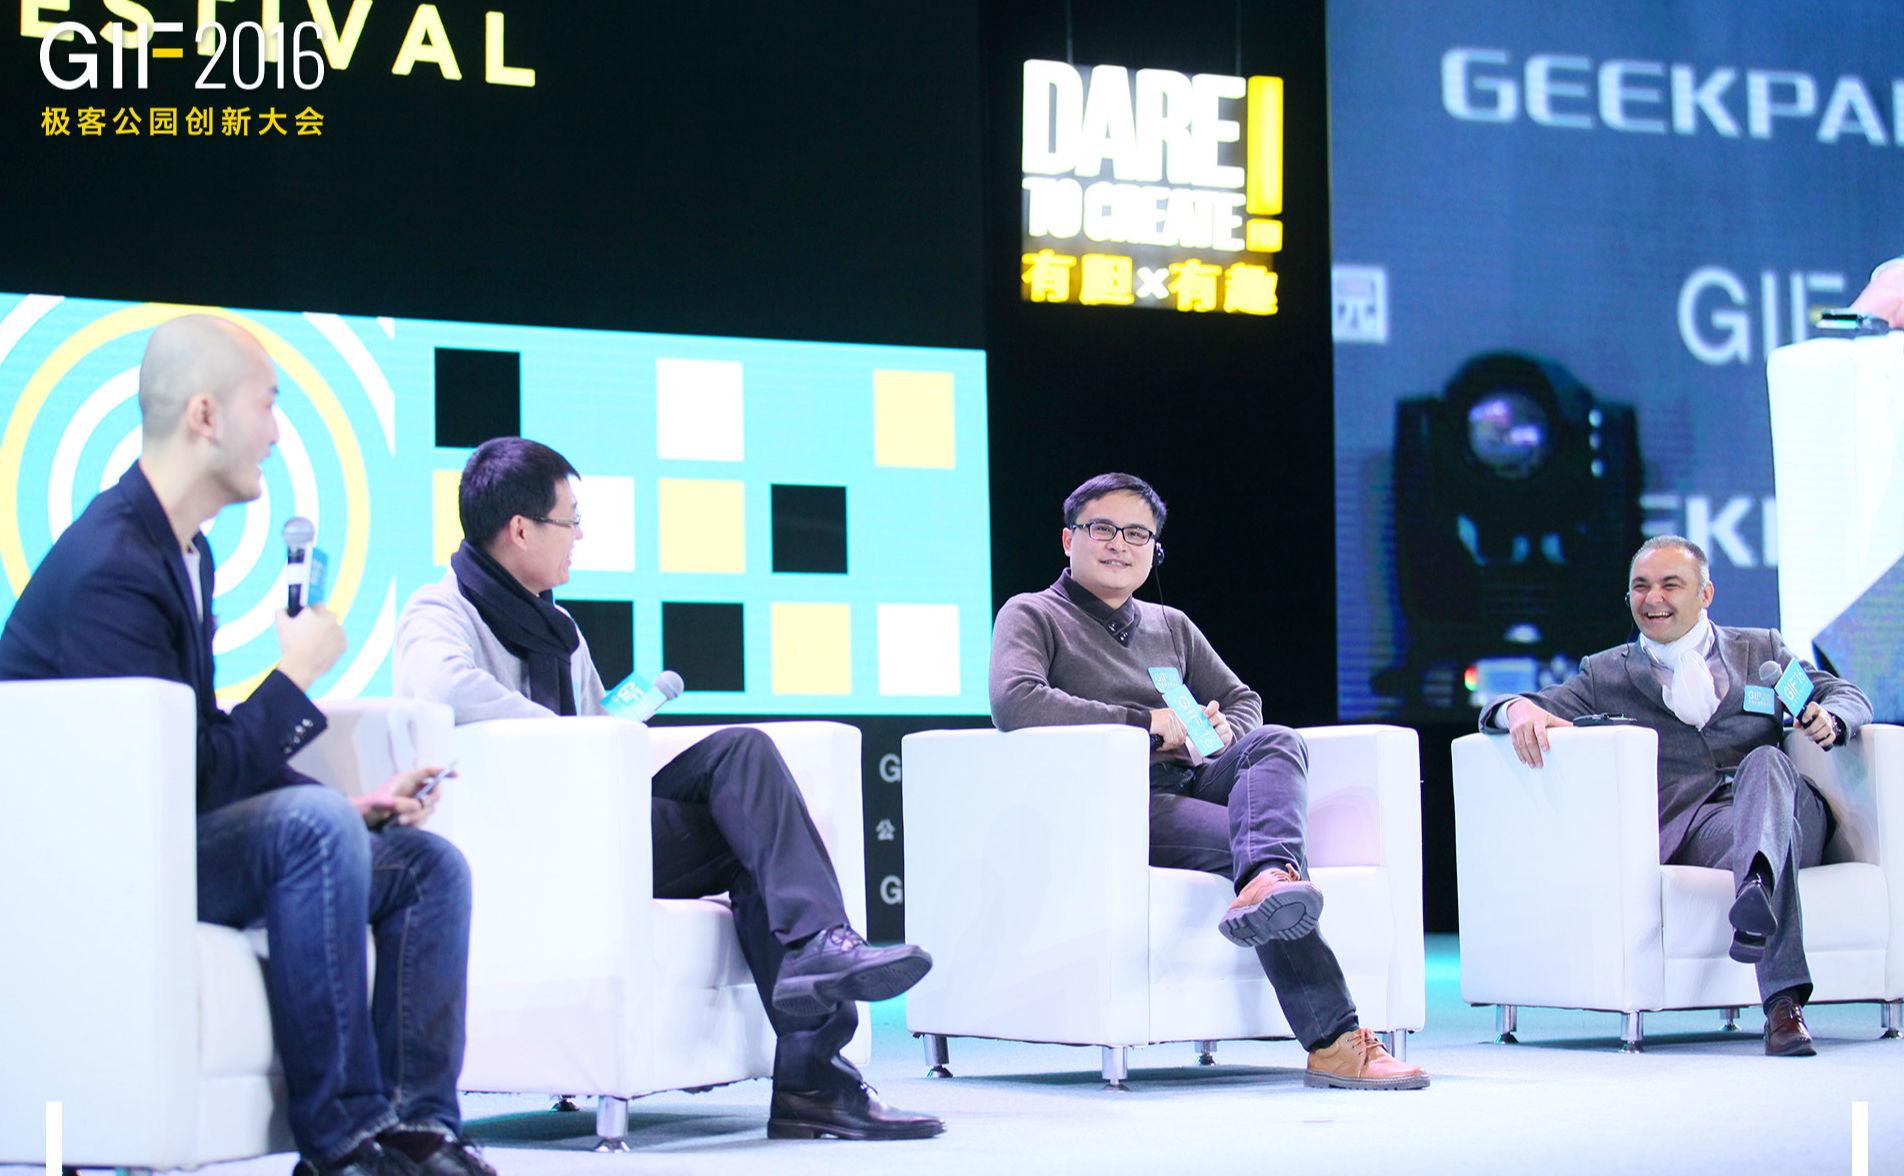 圆桌讨论:「新造车运动」如何打破自动驾驶的边界?